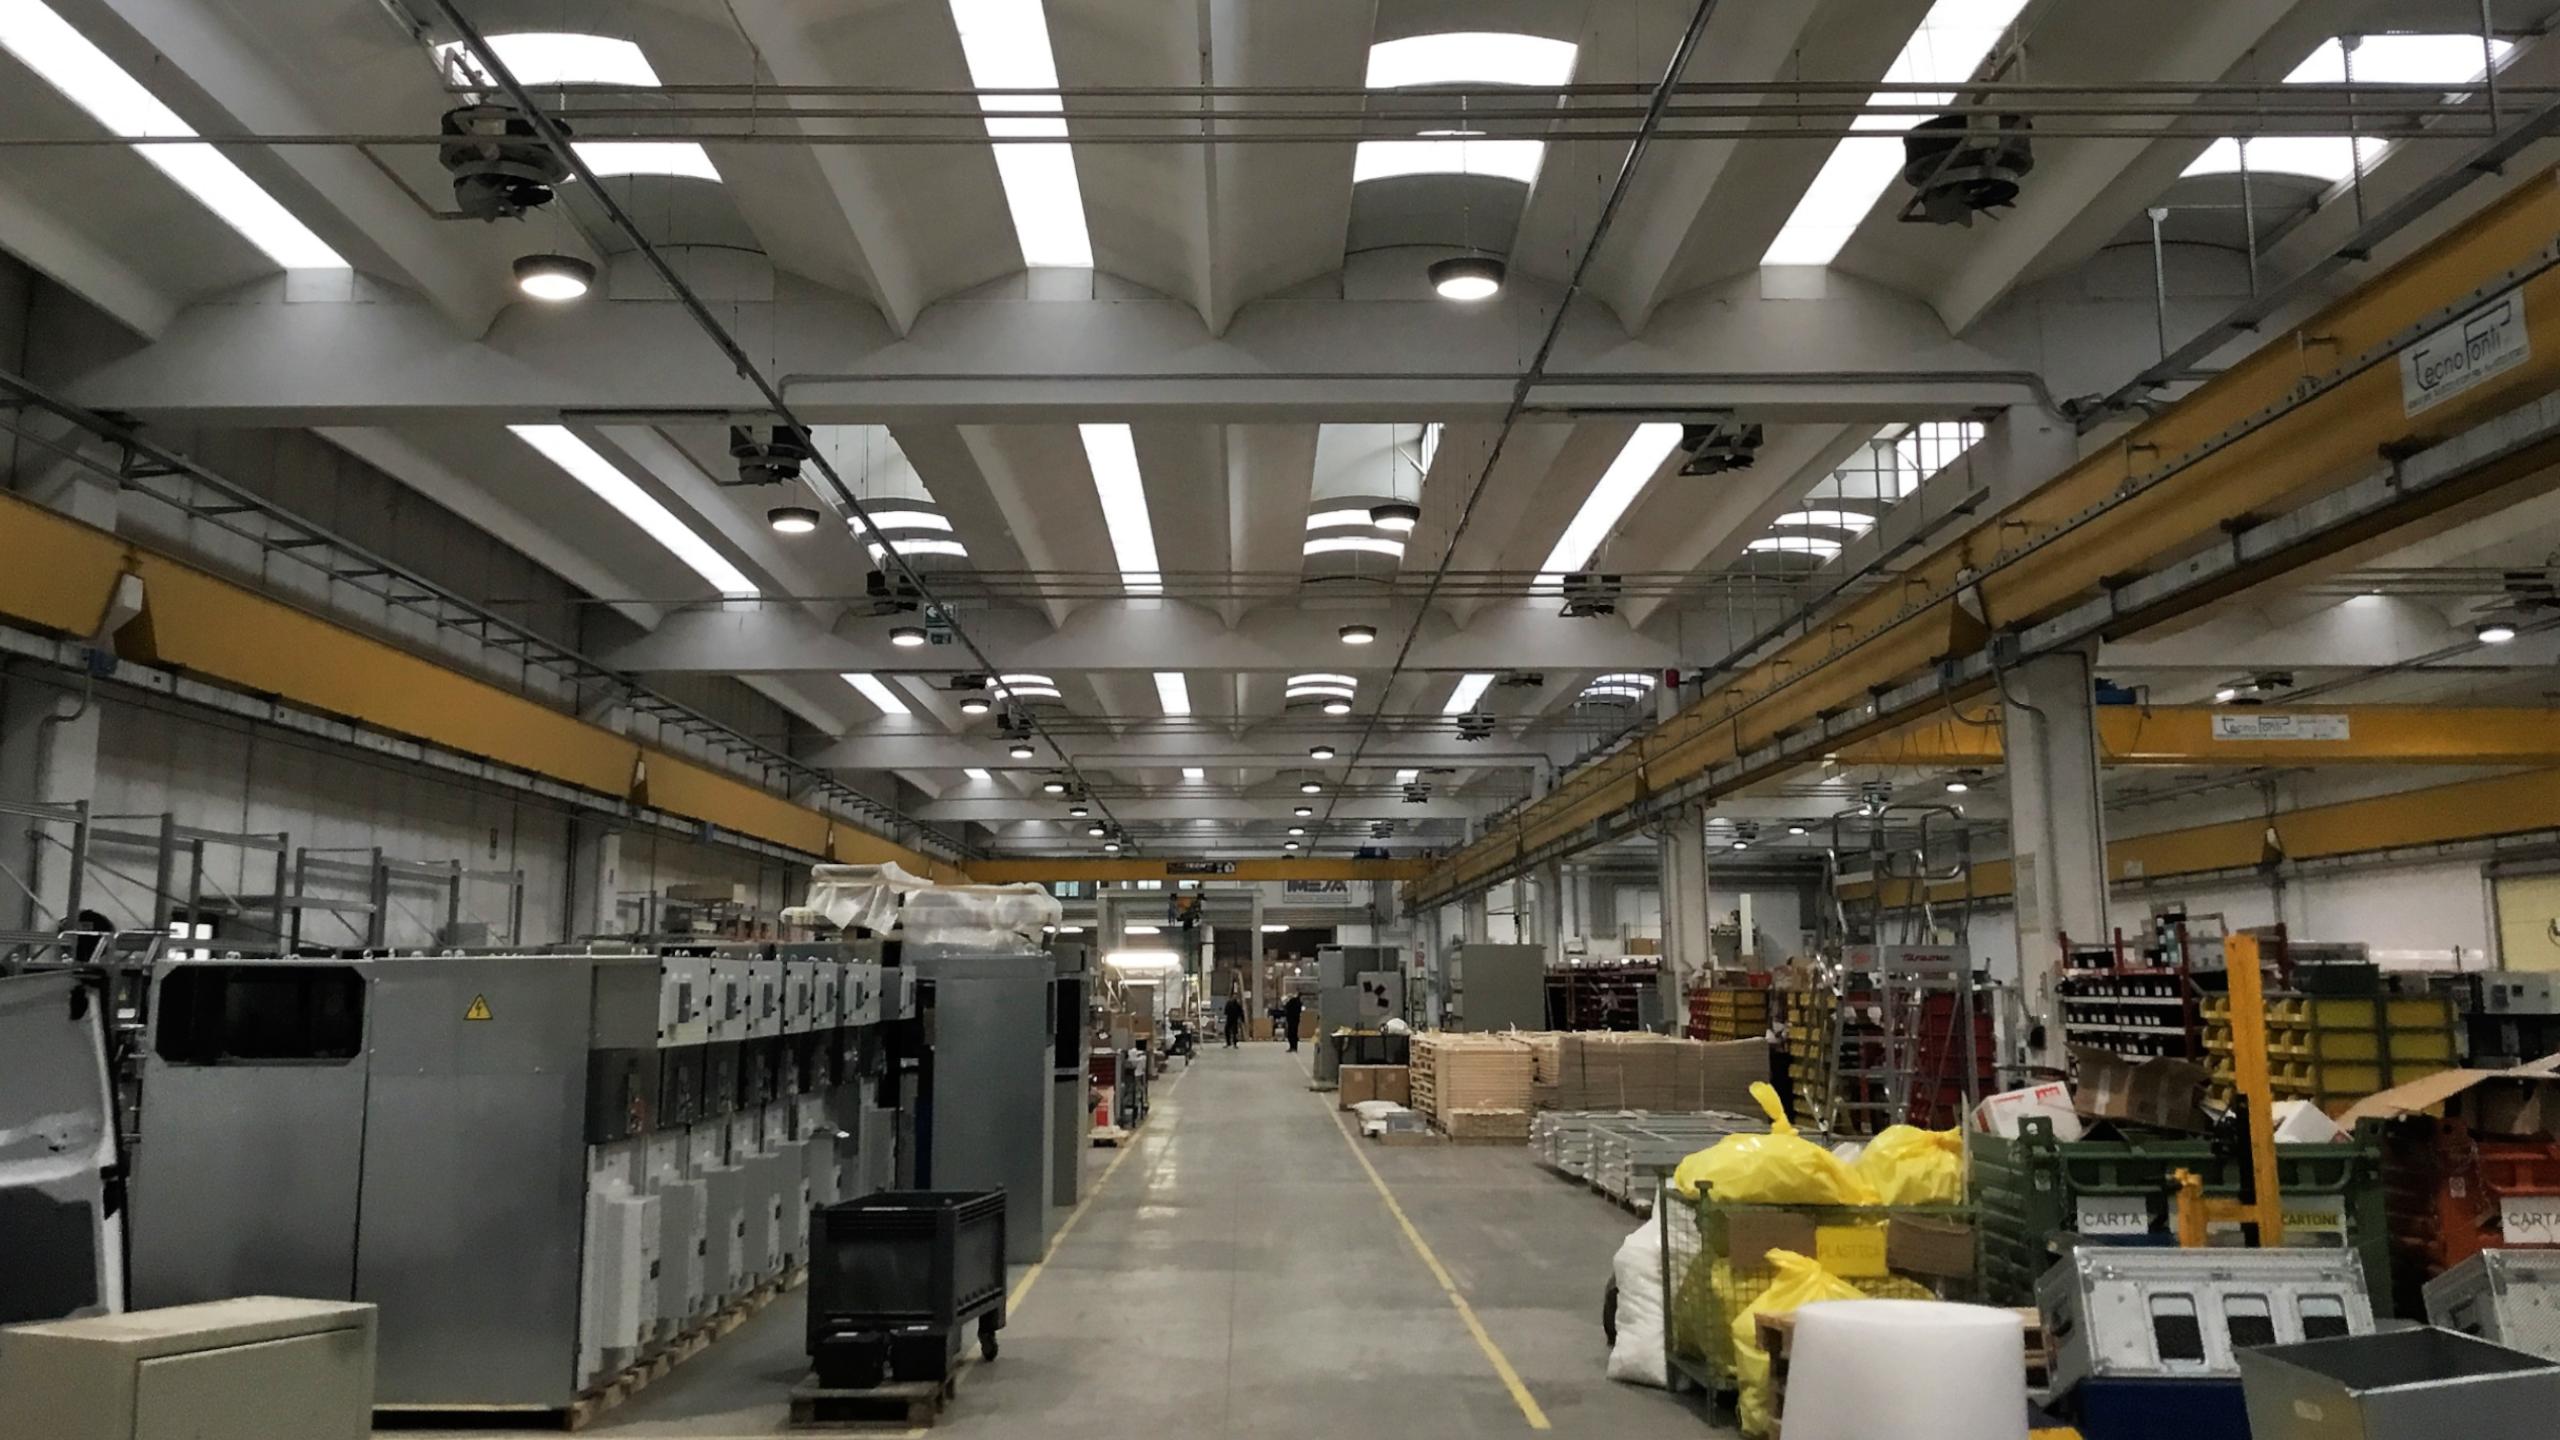 Illuminazione industriale a led: come ridurre i consumi würth news